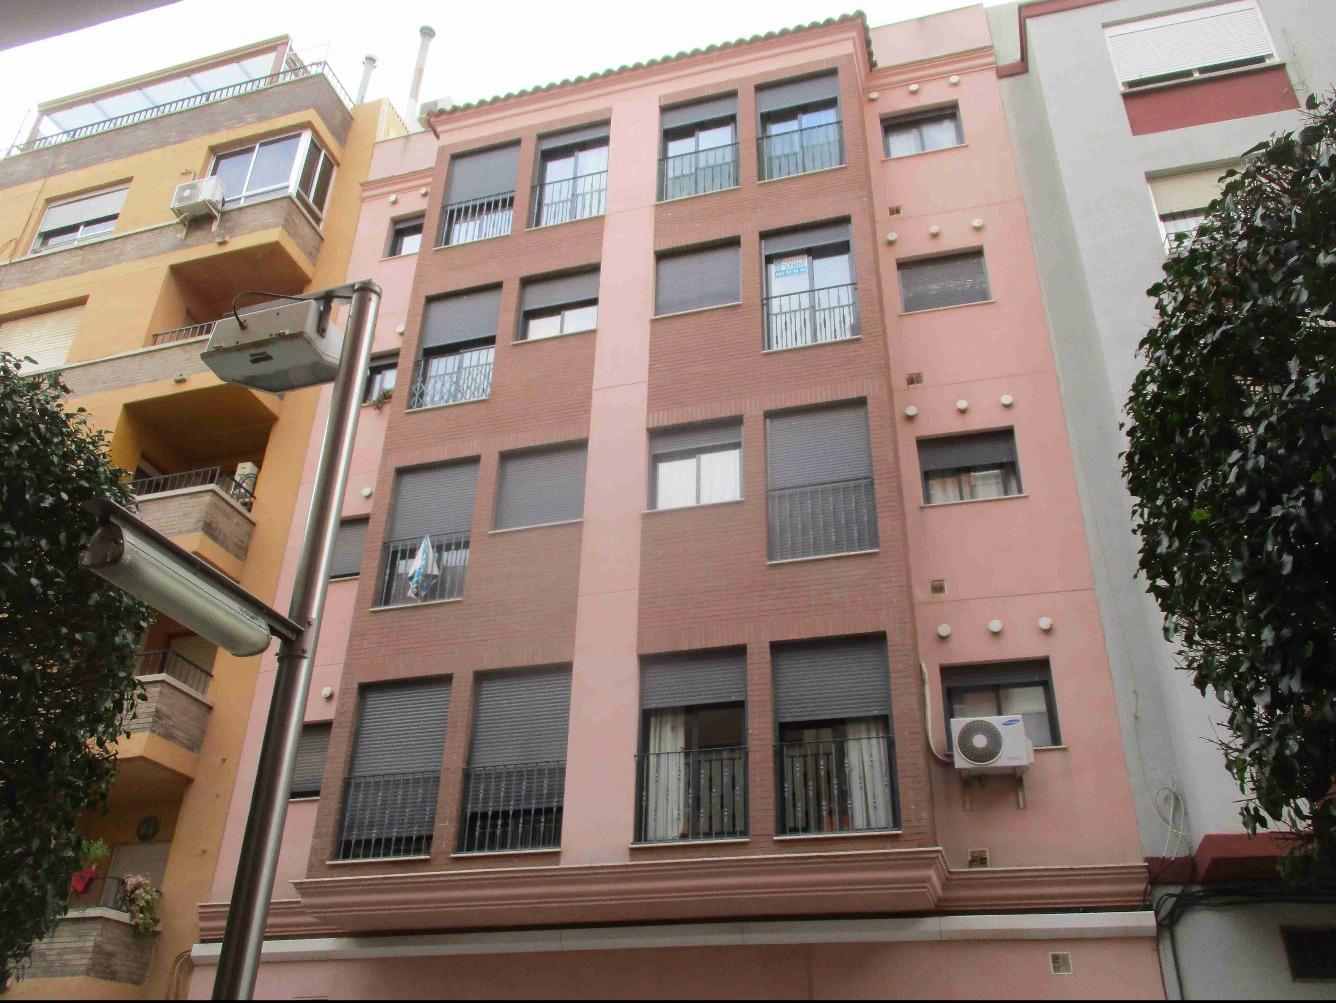 Piso en Calle MONSEÑOR FERNANDO FERRIS